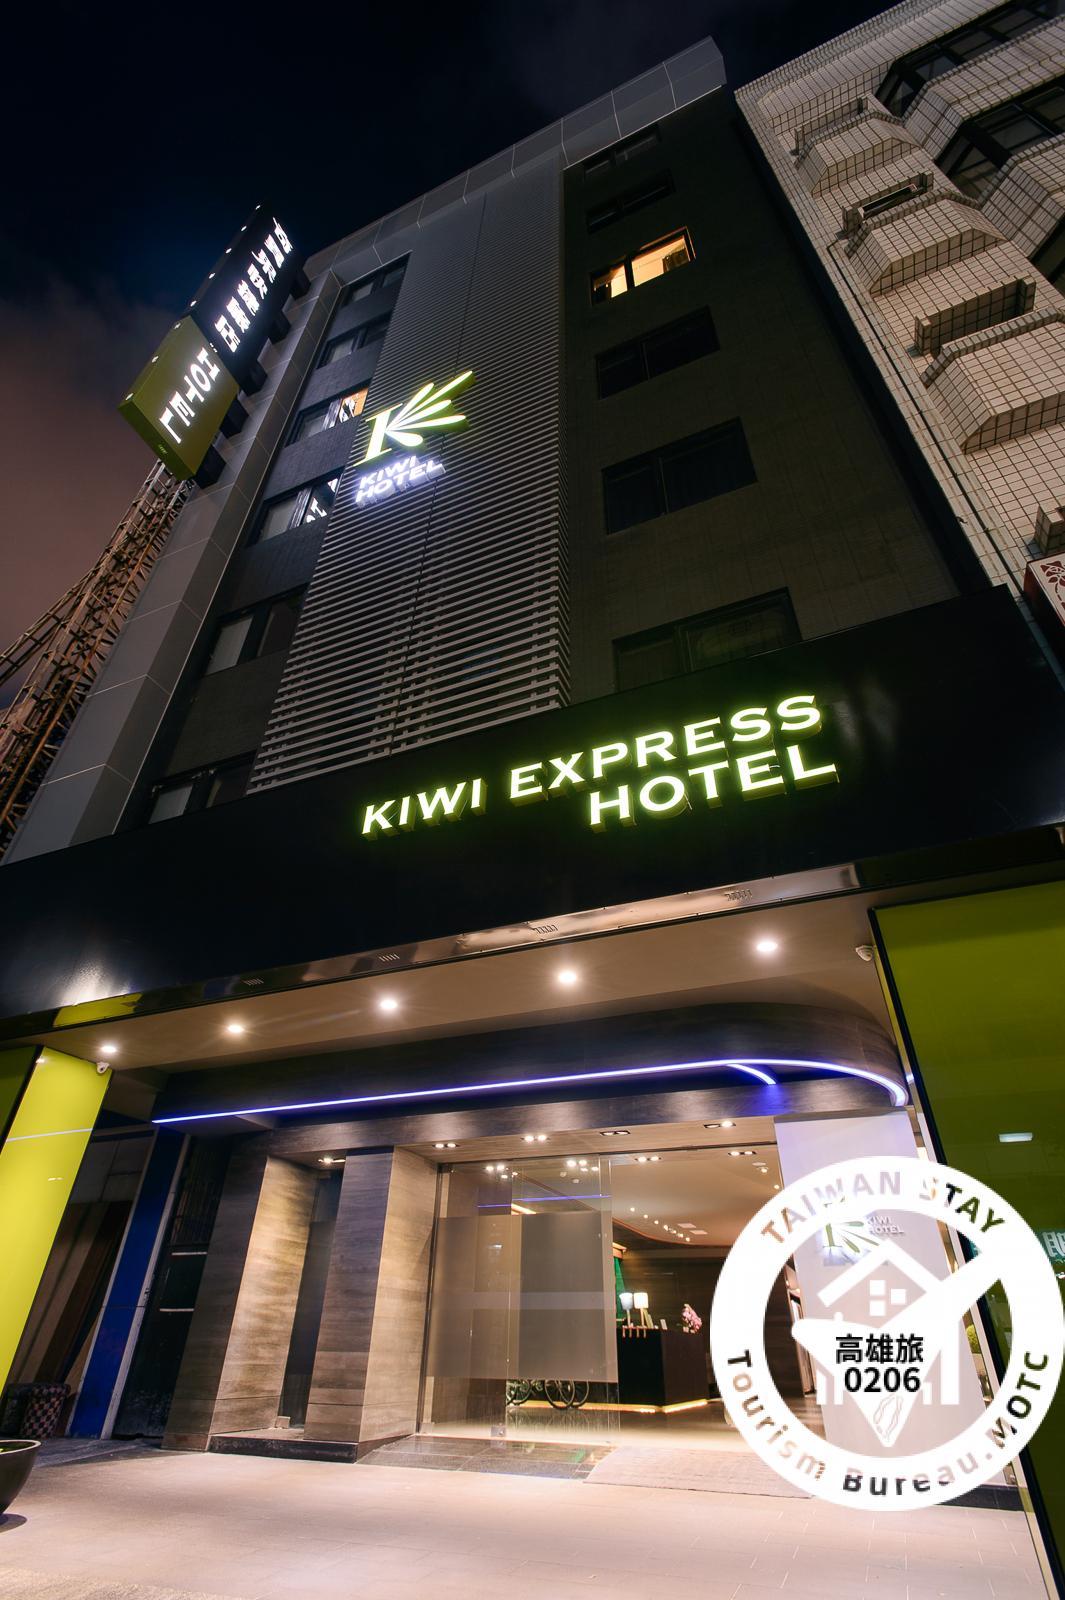 Kiwi Express Hotel Kaohsiung Jiuru shop